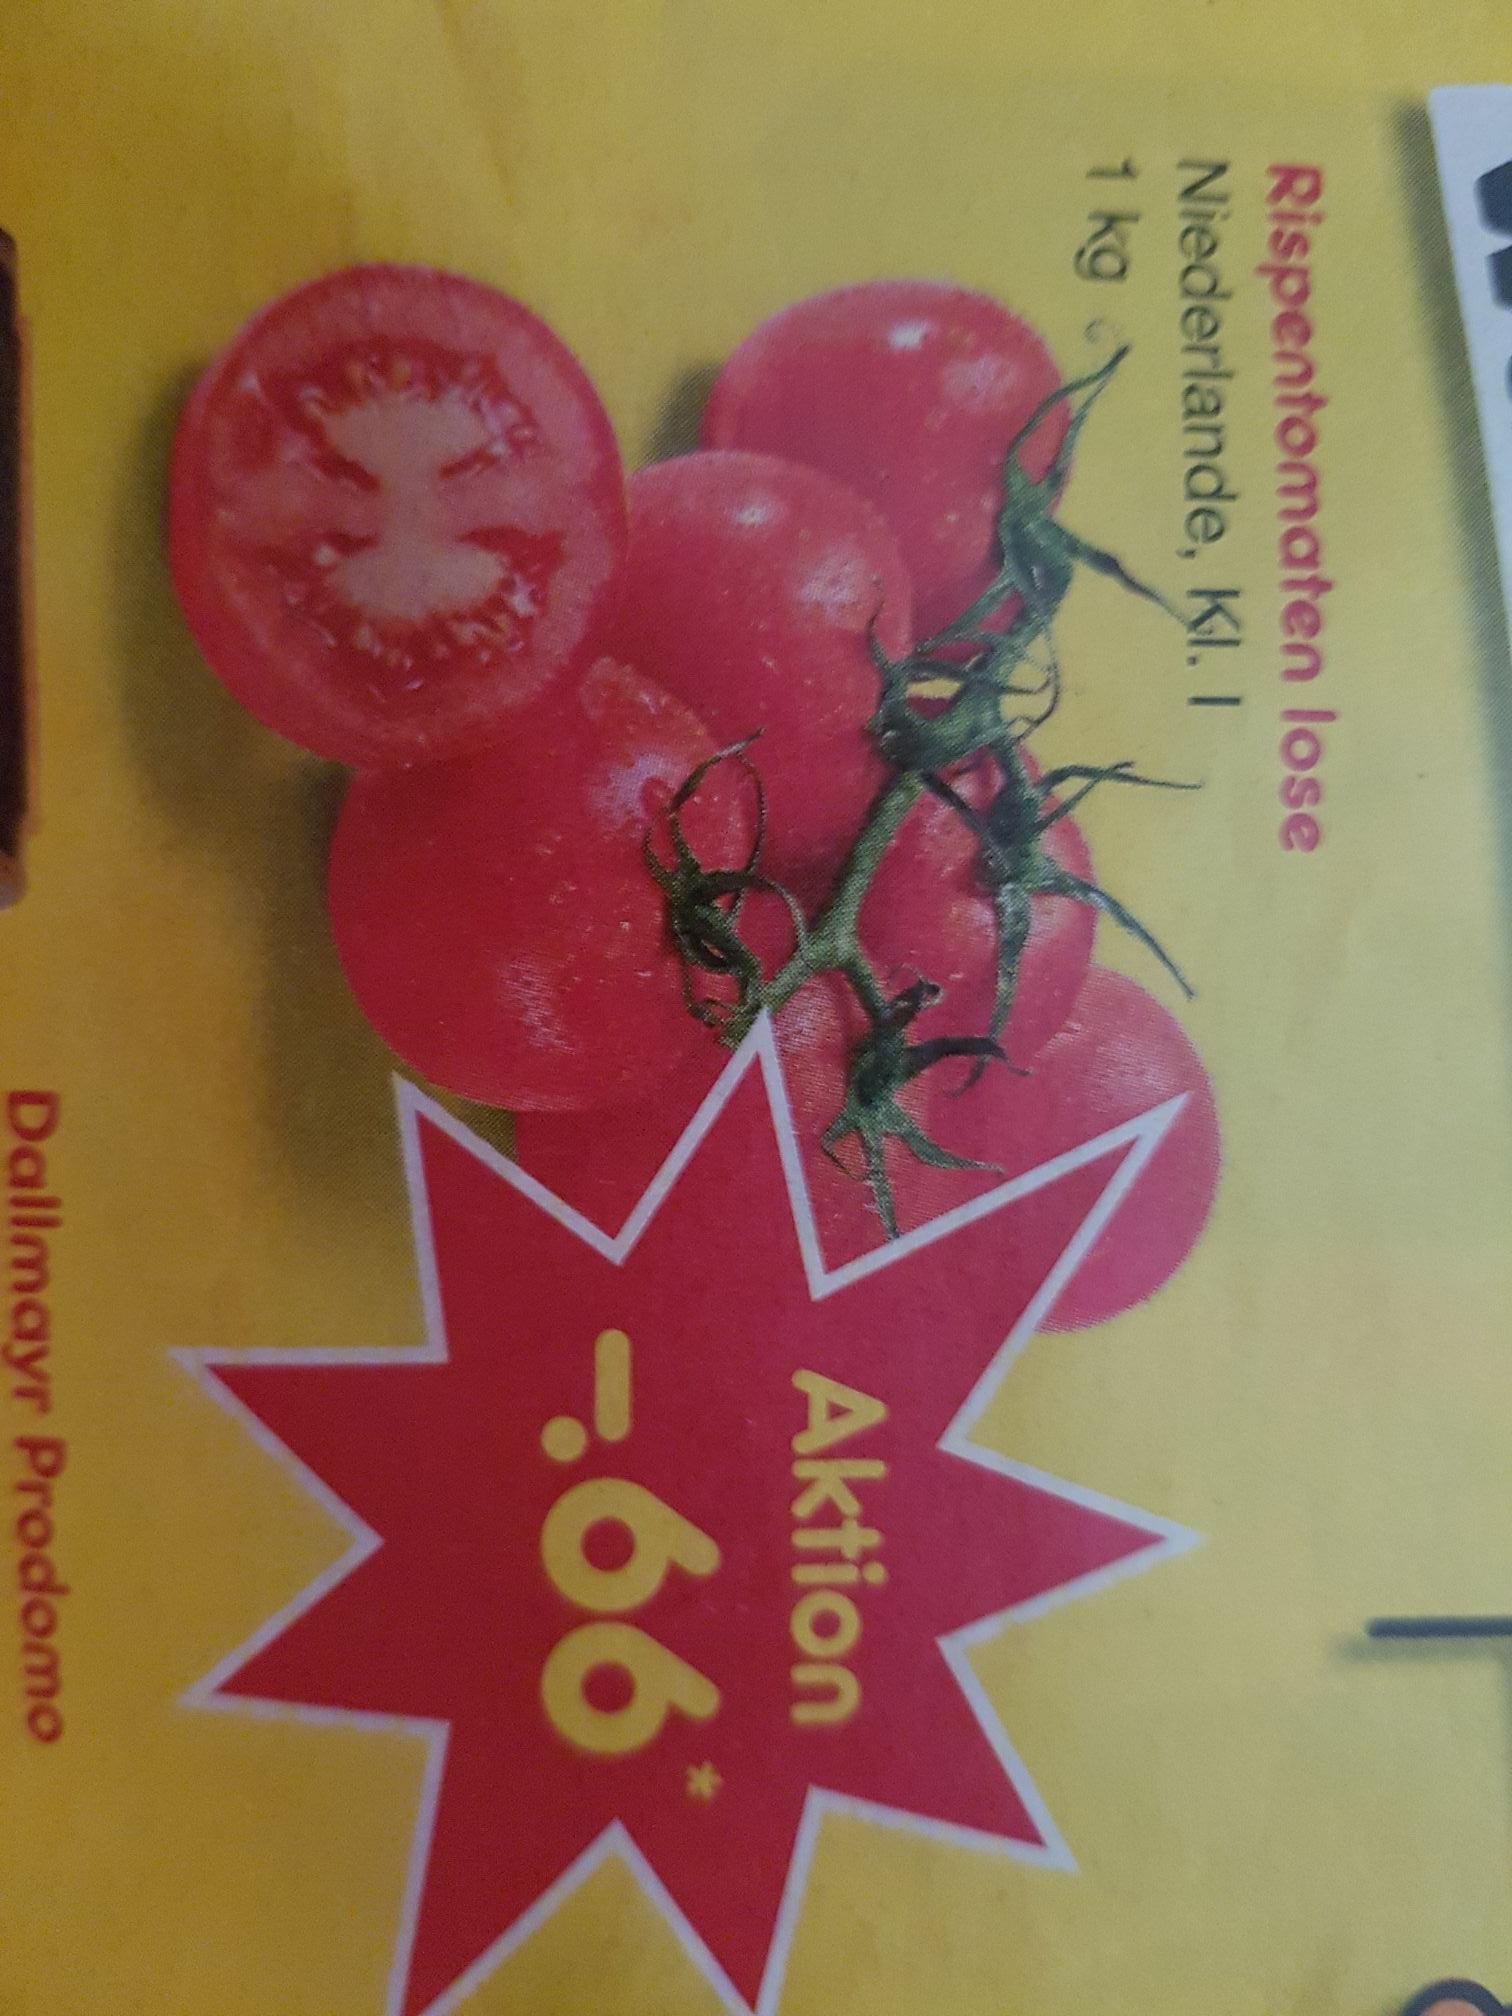 Tomaten,super günstig,Netto Markendiscount